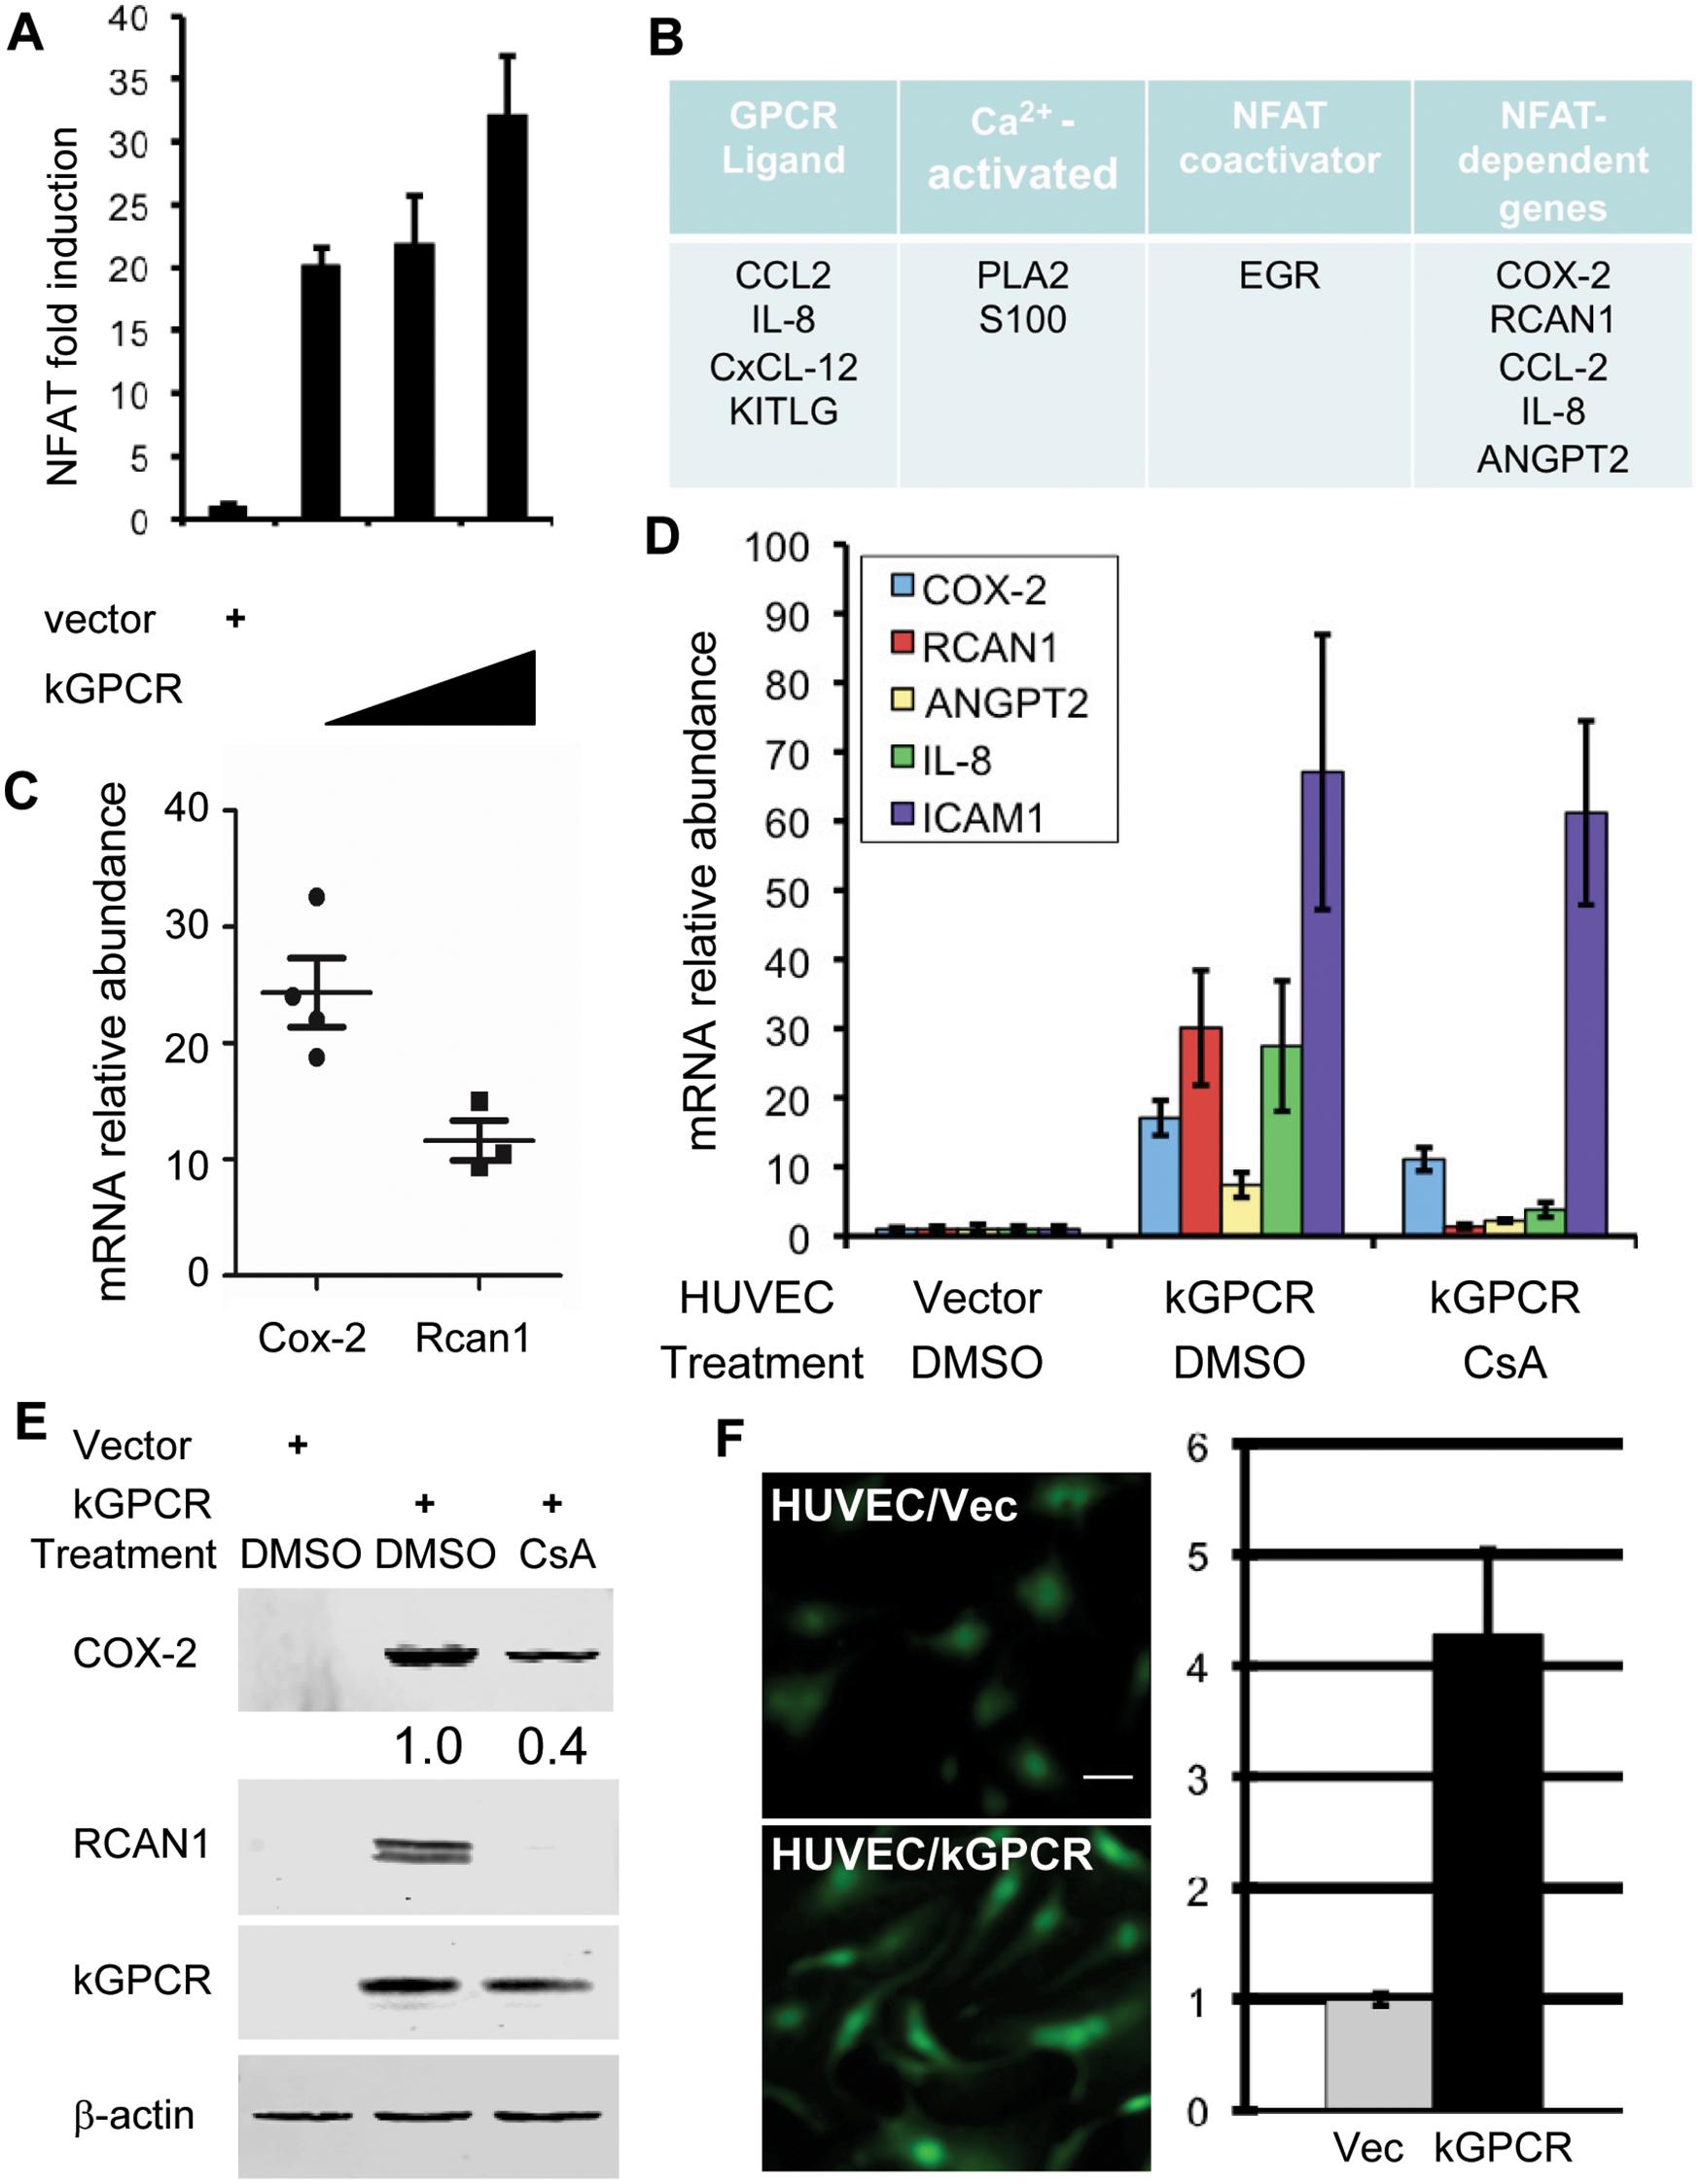 kGPCR activates the NFAT signaling cascade.